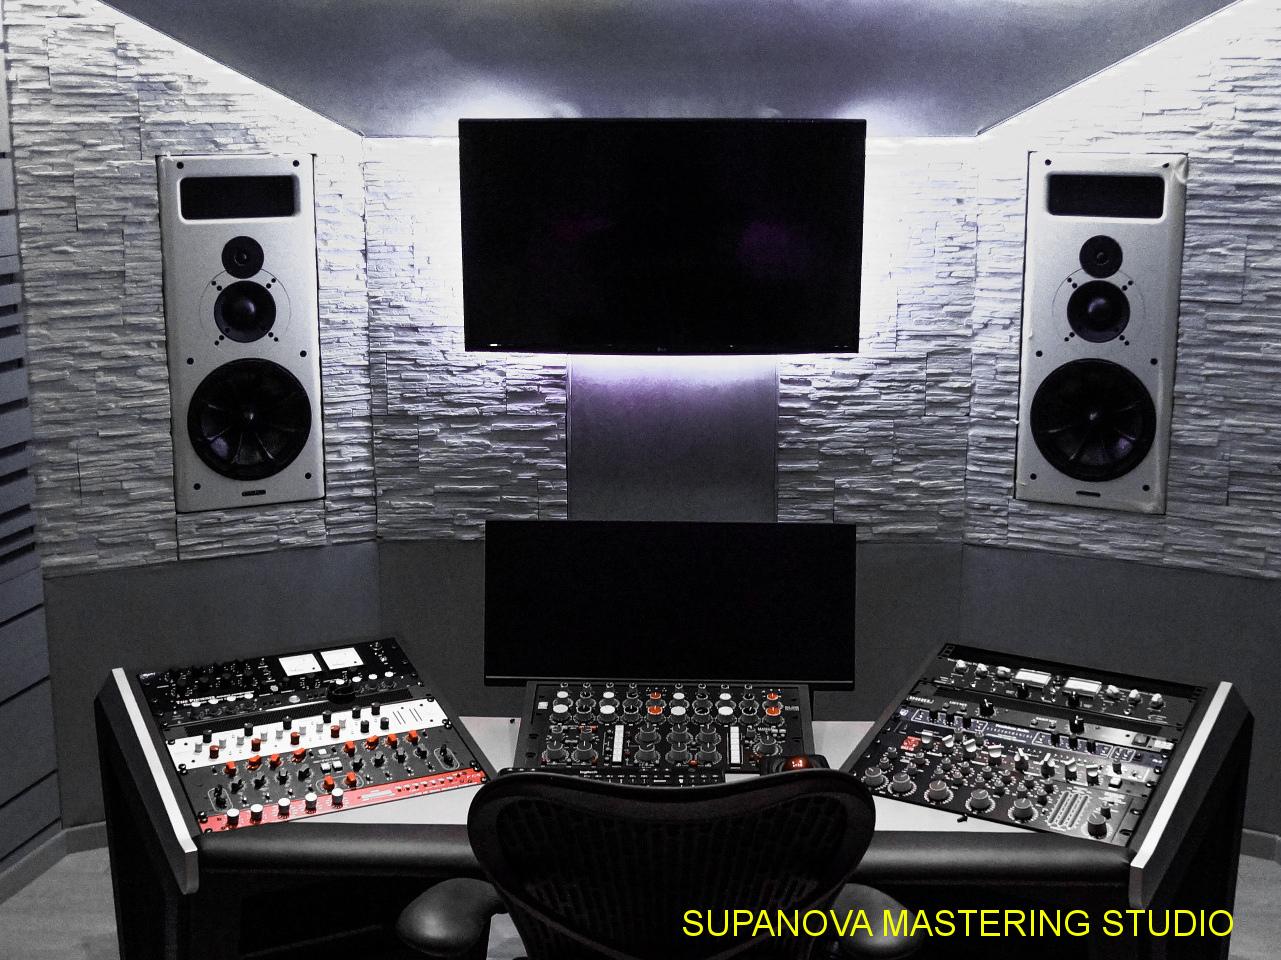 costruzione studio di registrazione mastering Supanova